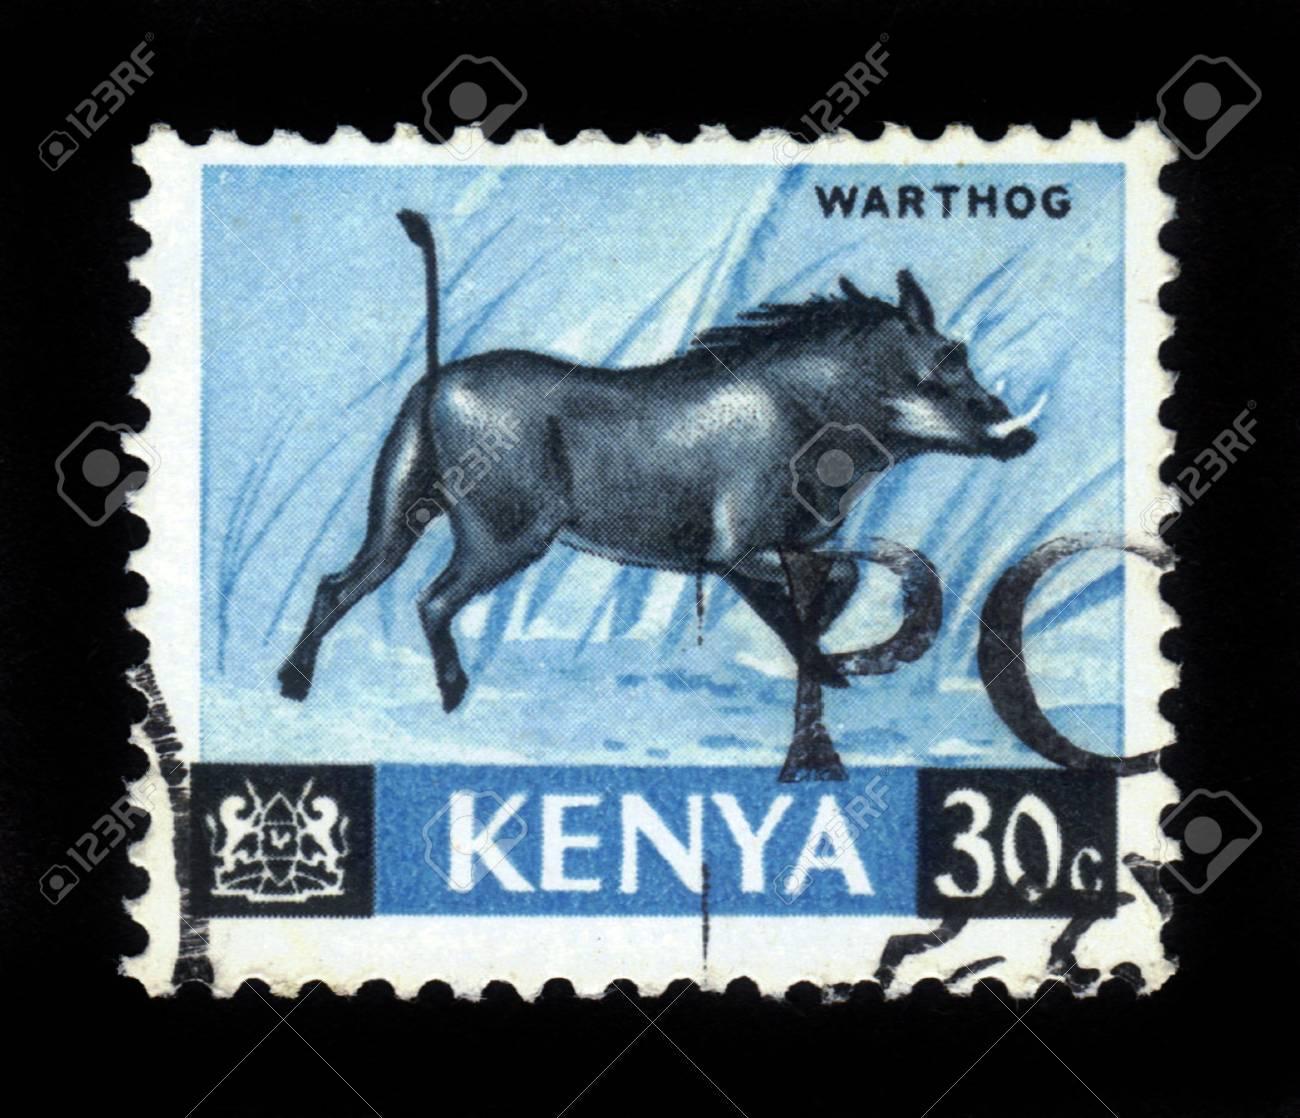 KENYA - CIRCA 1964  A stamp printed in Kenya shows warthog, circa 1964 Stock Photo - 16944382